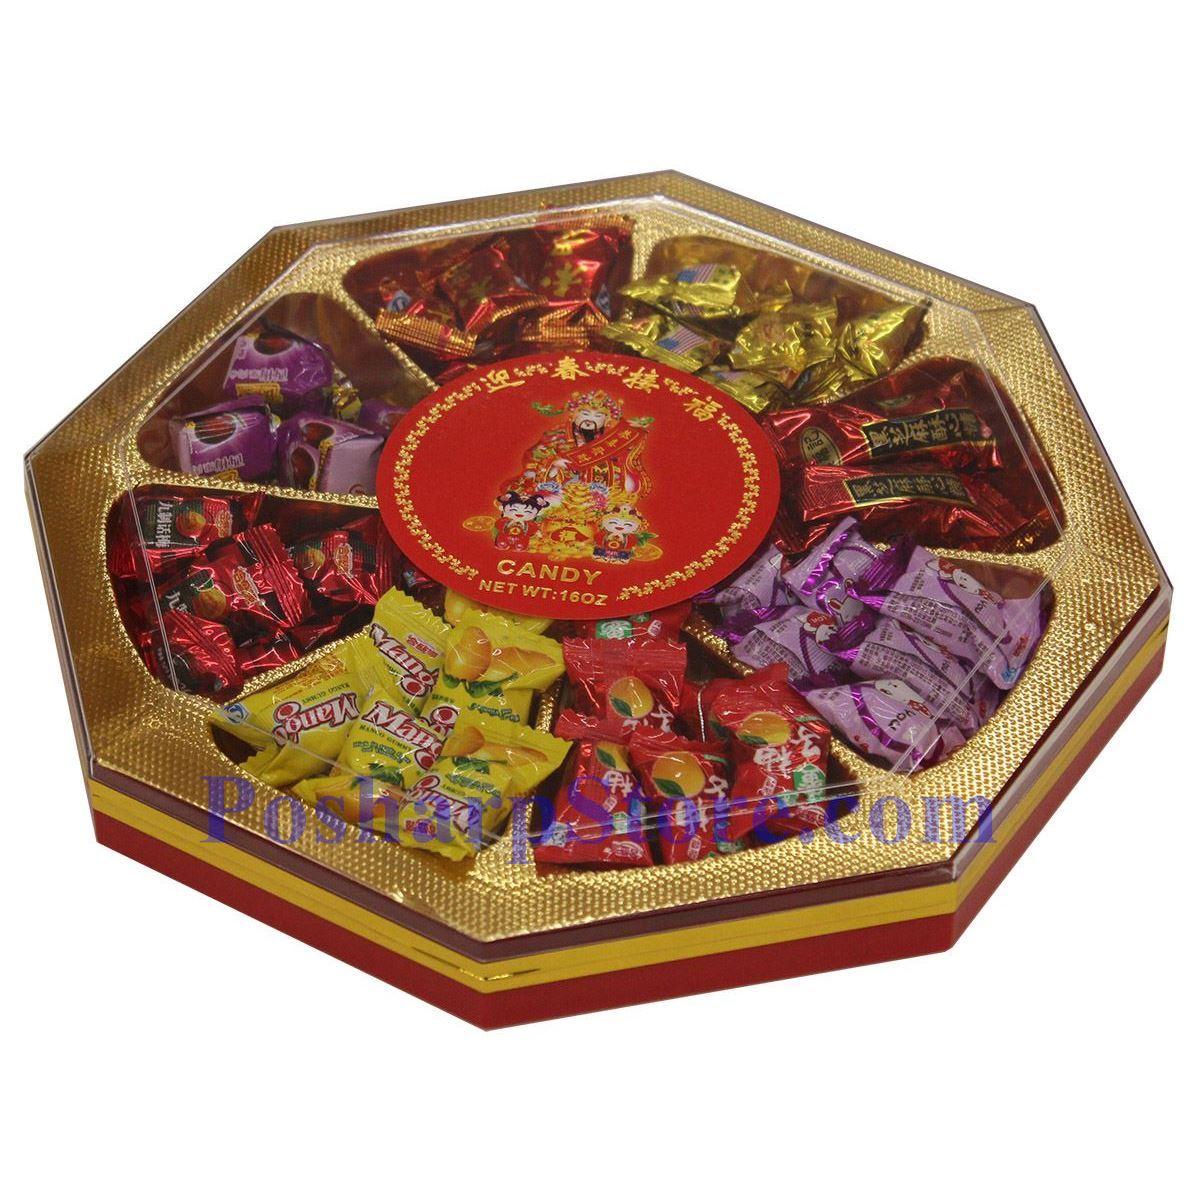 分类图片 贺年礼盒迎春接福(糖果) 454克